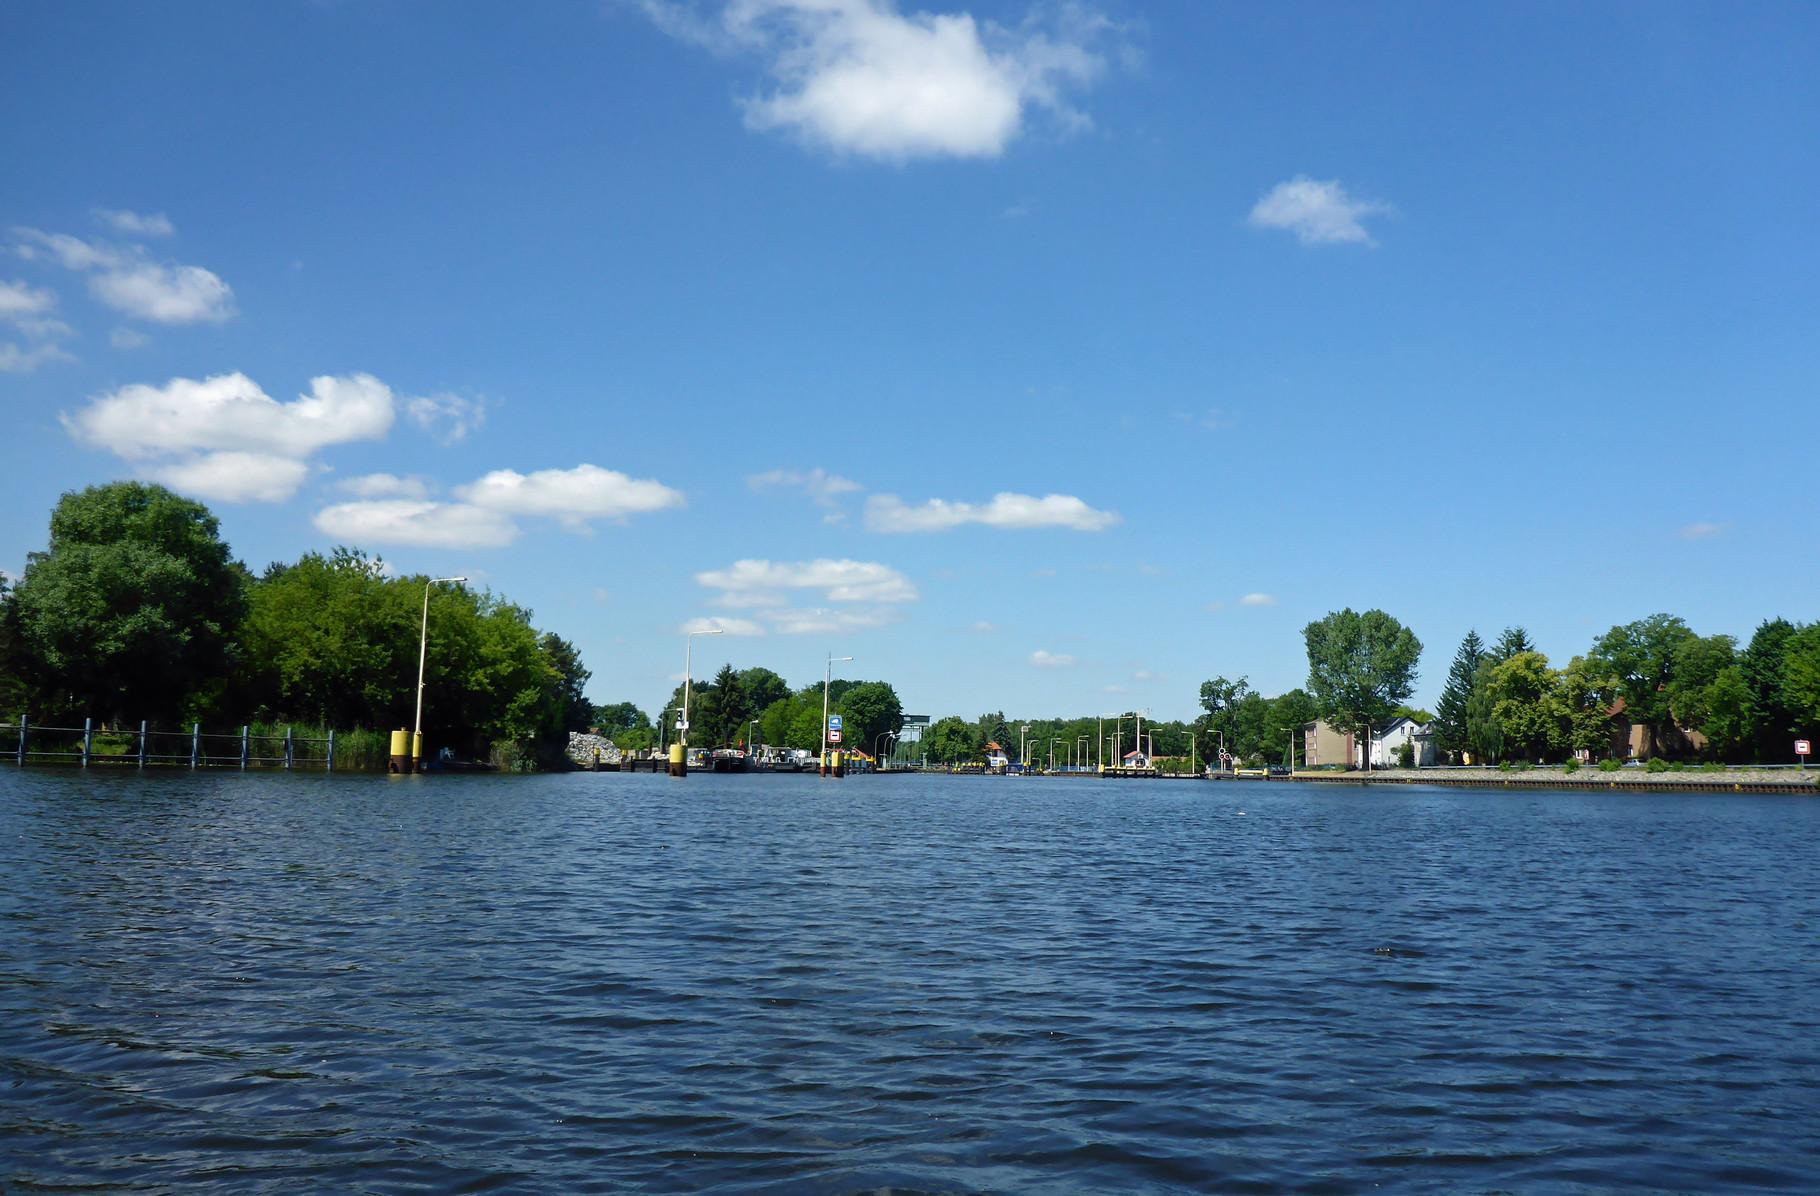 Danach Schiebewind im Kanal.